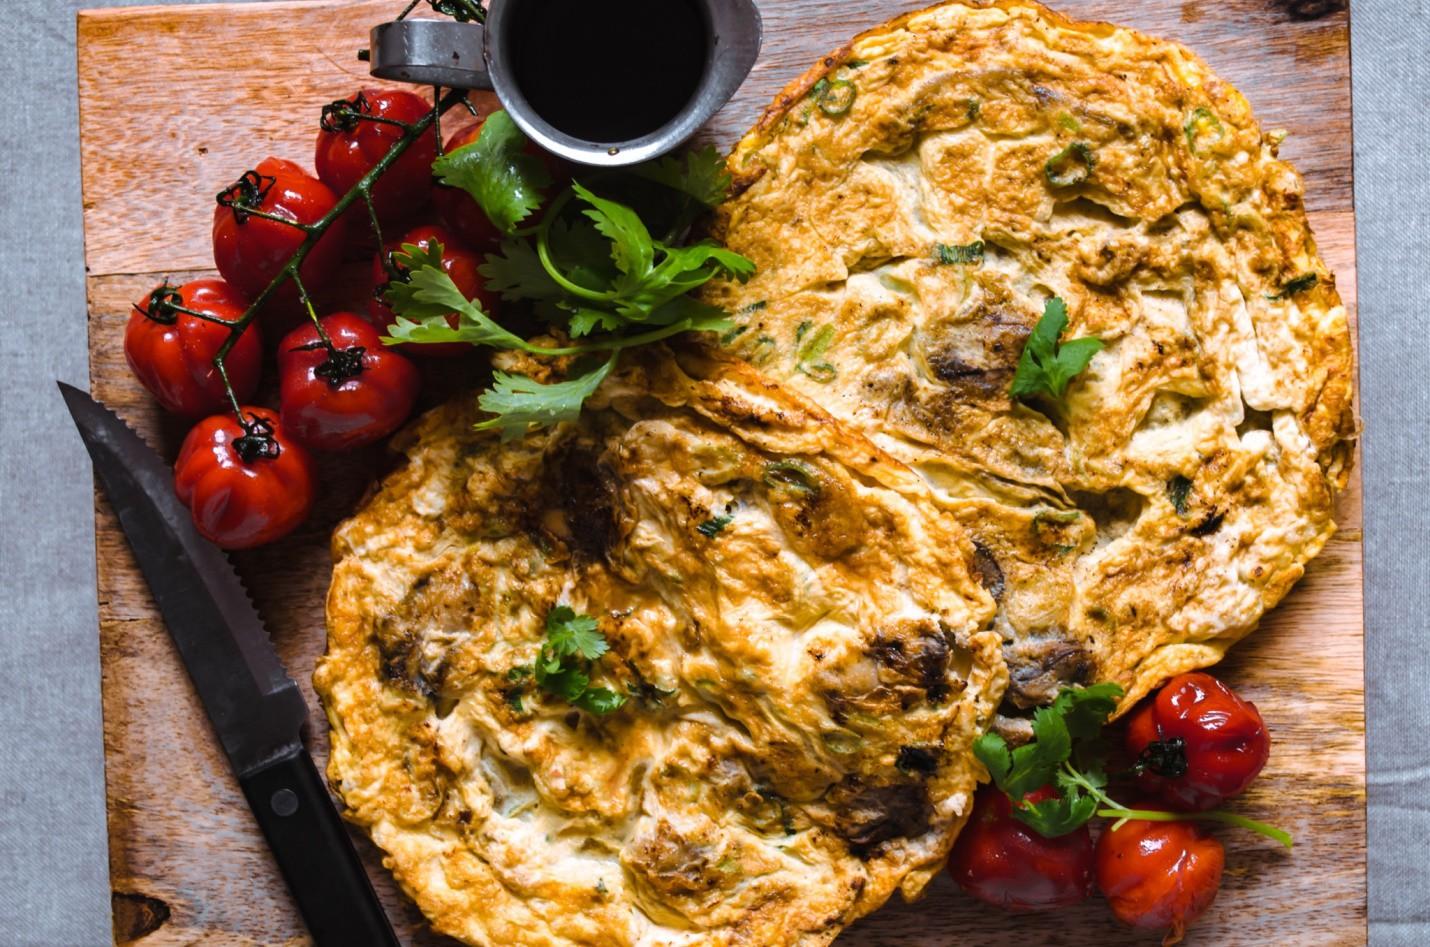 Ăn thả ga không lo về giá với những món ăn vặt hấp dẫn, nổi tiếng của xứ Đài - Ảnh 1.